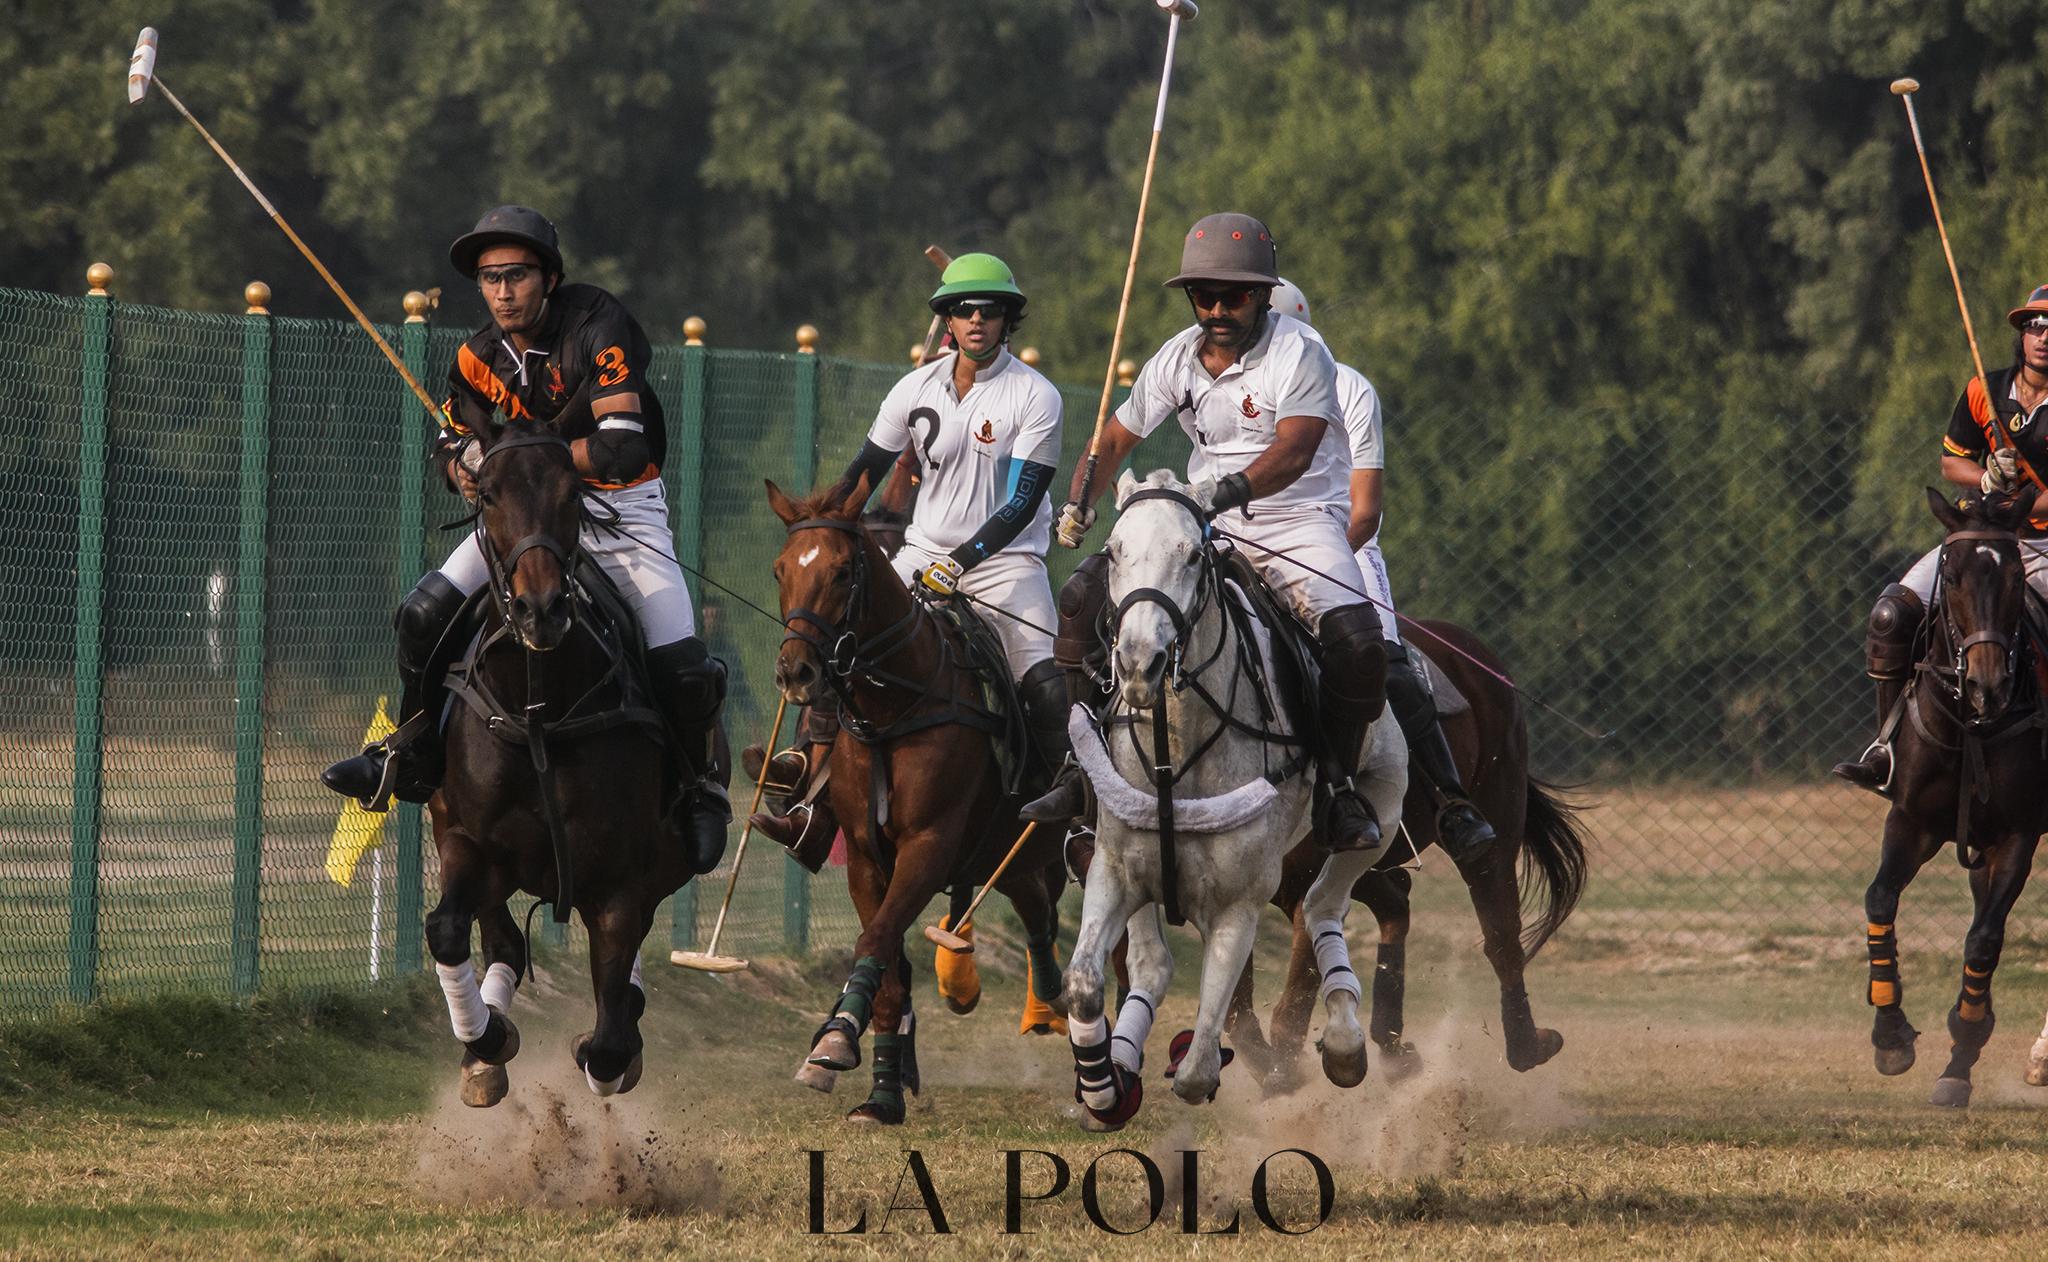 polo-in-india-polo-players-lapolo